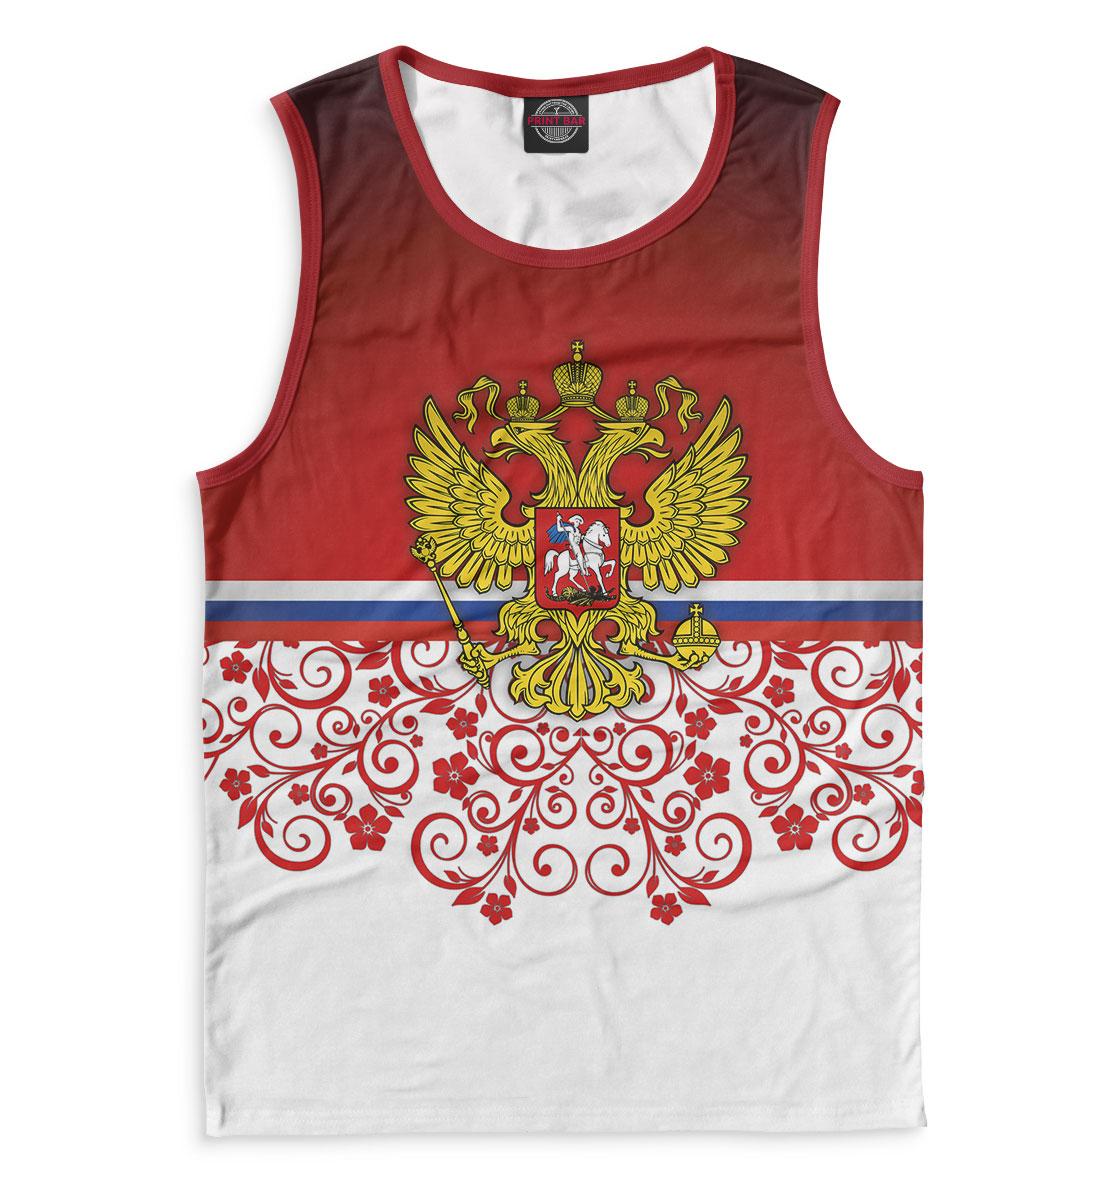 Купить Сборная России, Printbar, Майки, FRF-519124-may-2